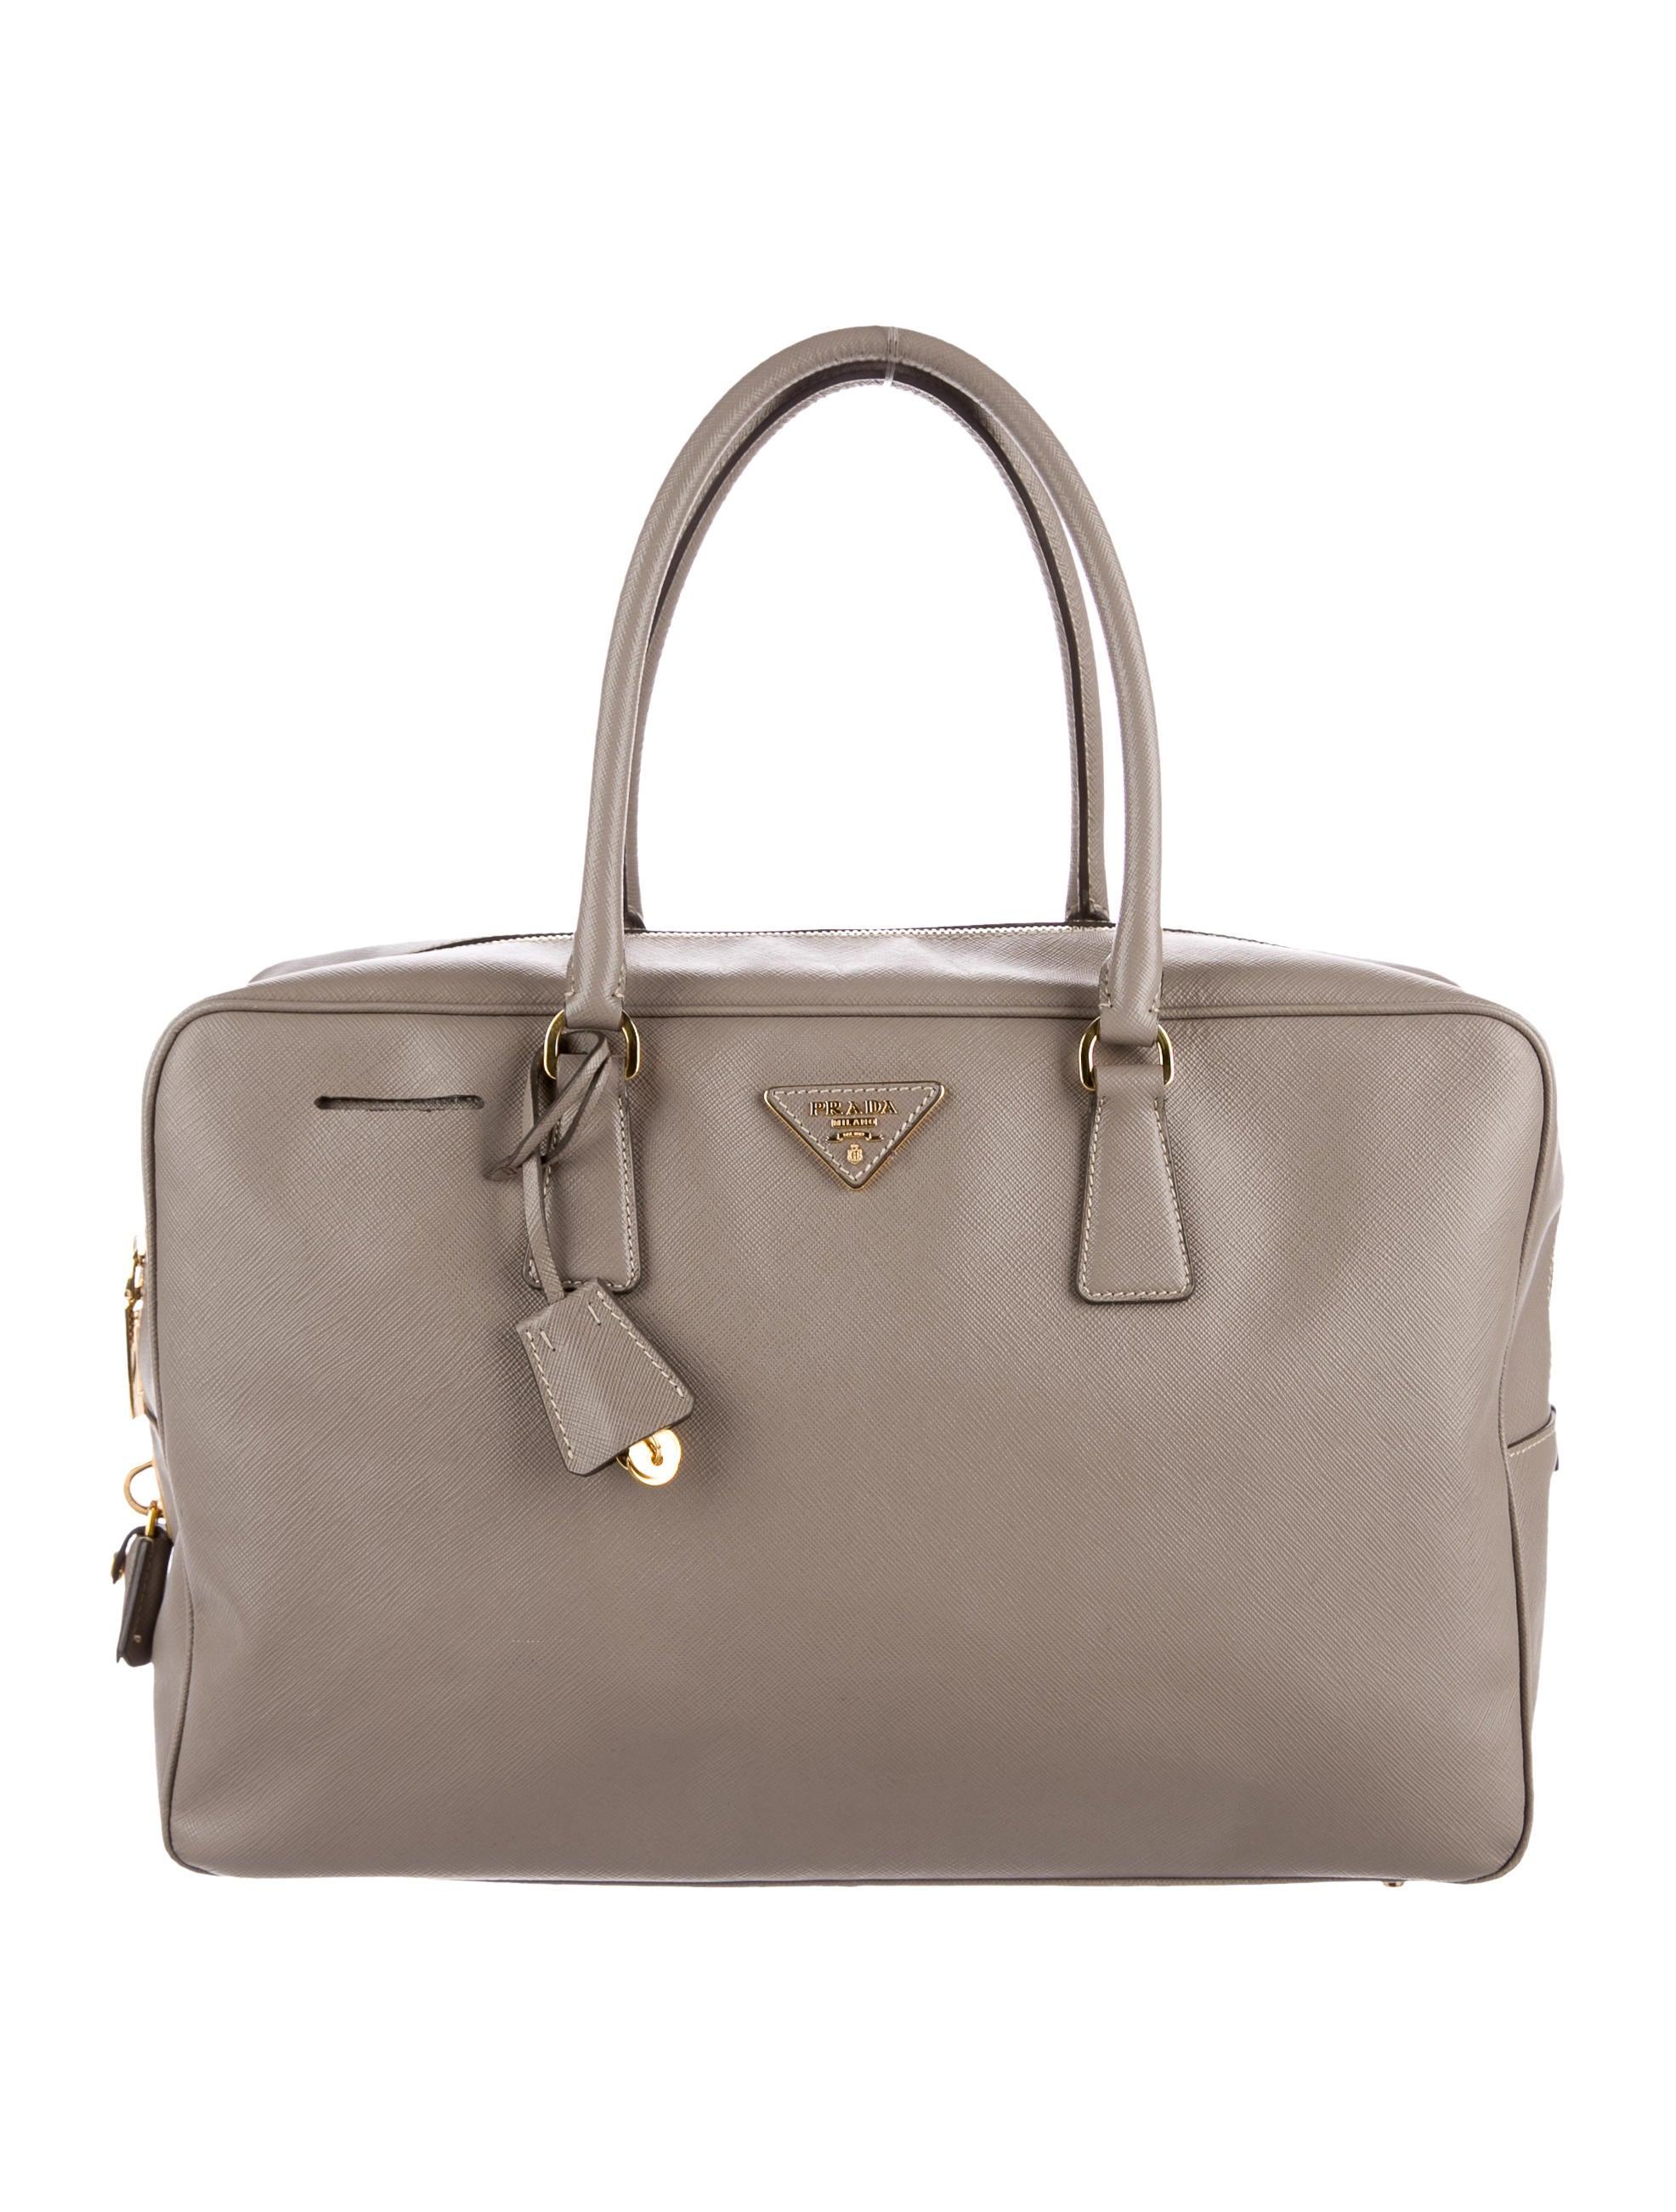 c05f8b6a39b9ba Prada Saffiano Lux Bauletto Bag - Handbags - PRA163477 | The RealReal